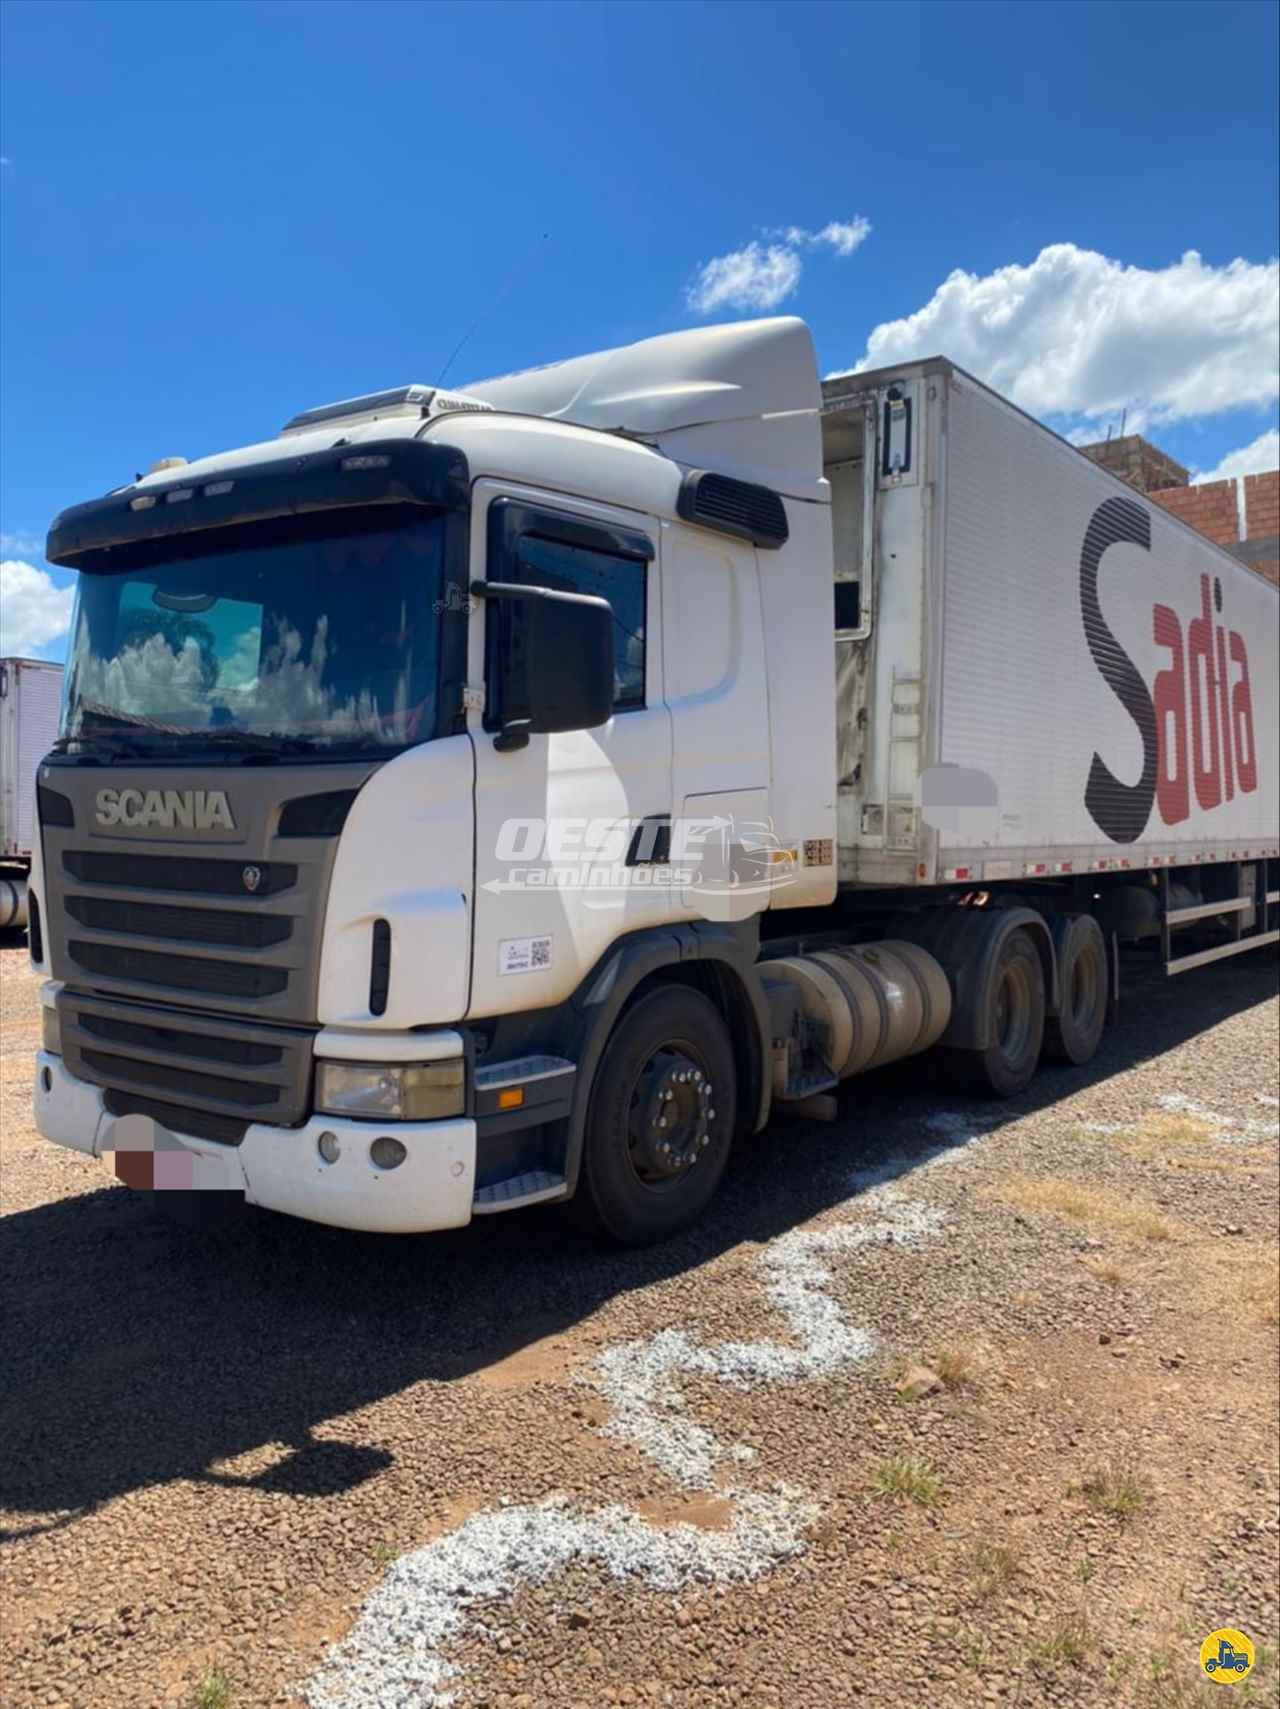 CAMINHAO SCANIA SCANIA 380 Cavalo Mecânico Truck 6x2 Oeste Caminhões  CORDILHEIRA ALTA SANTA CATARINA SC